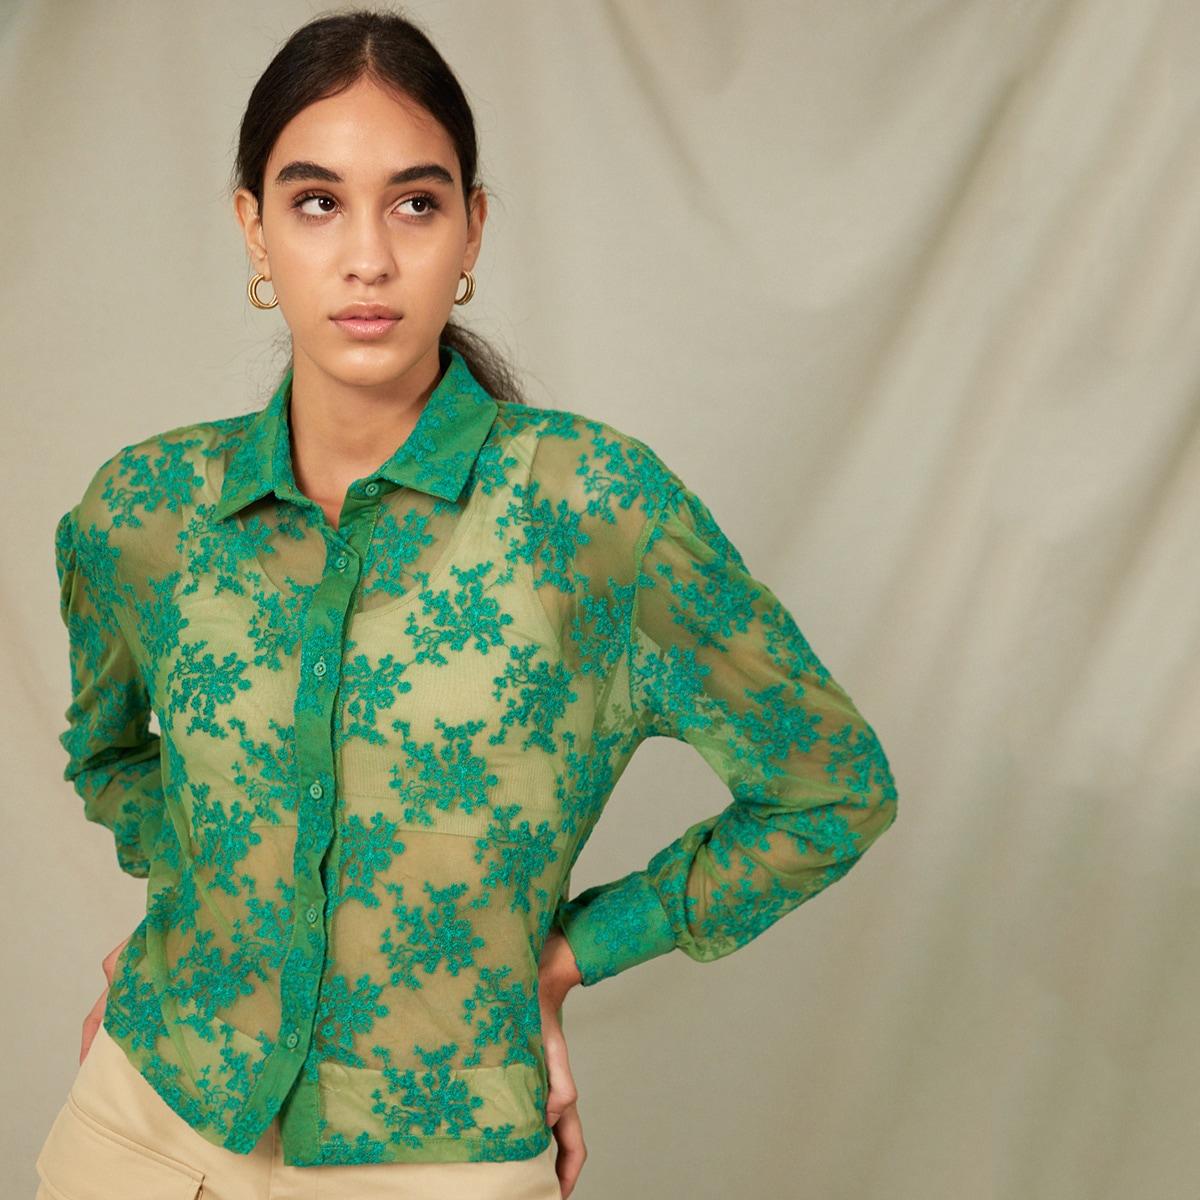 с вышивкой Цветочный Элегантный Блузы